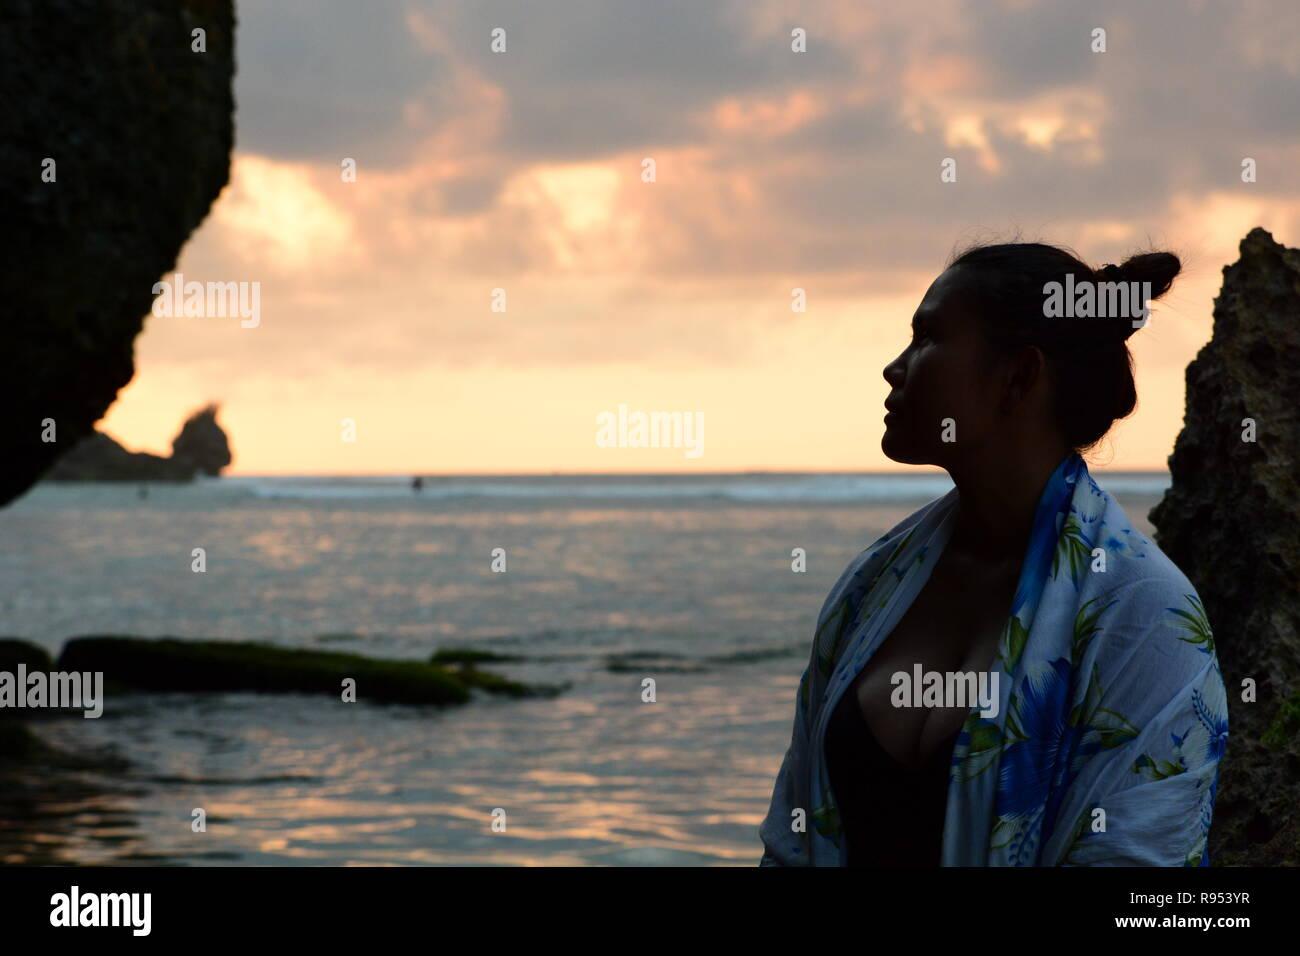 Asian girl portrait sur la plage au coucher du soleil. Bingin beach. Pecatu. Bali. L'Indonésie Banque D'Images